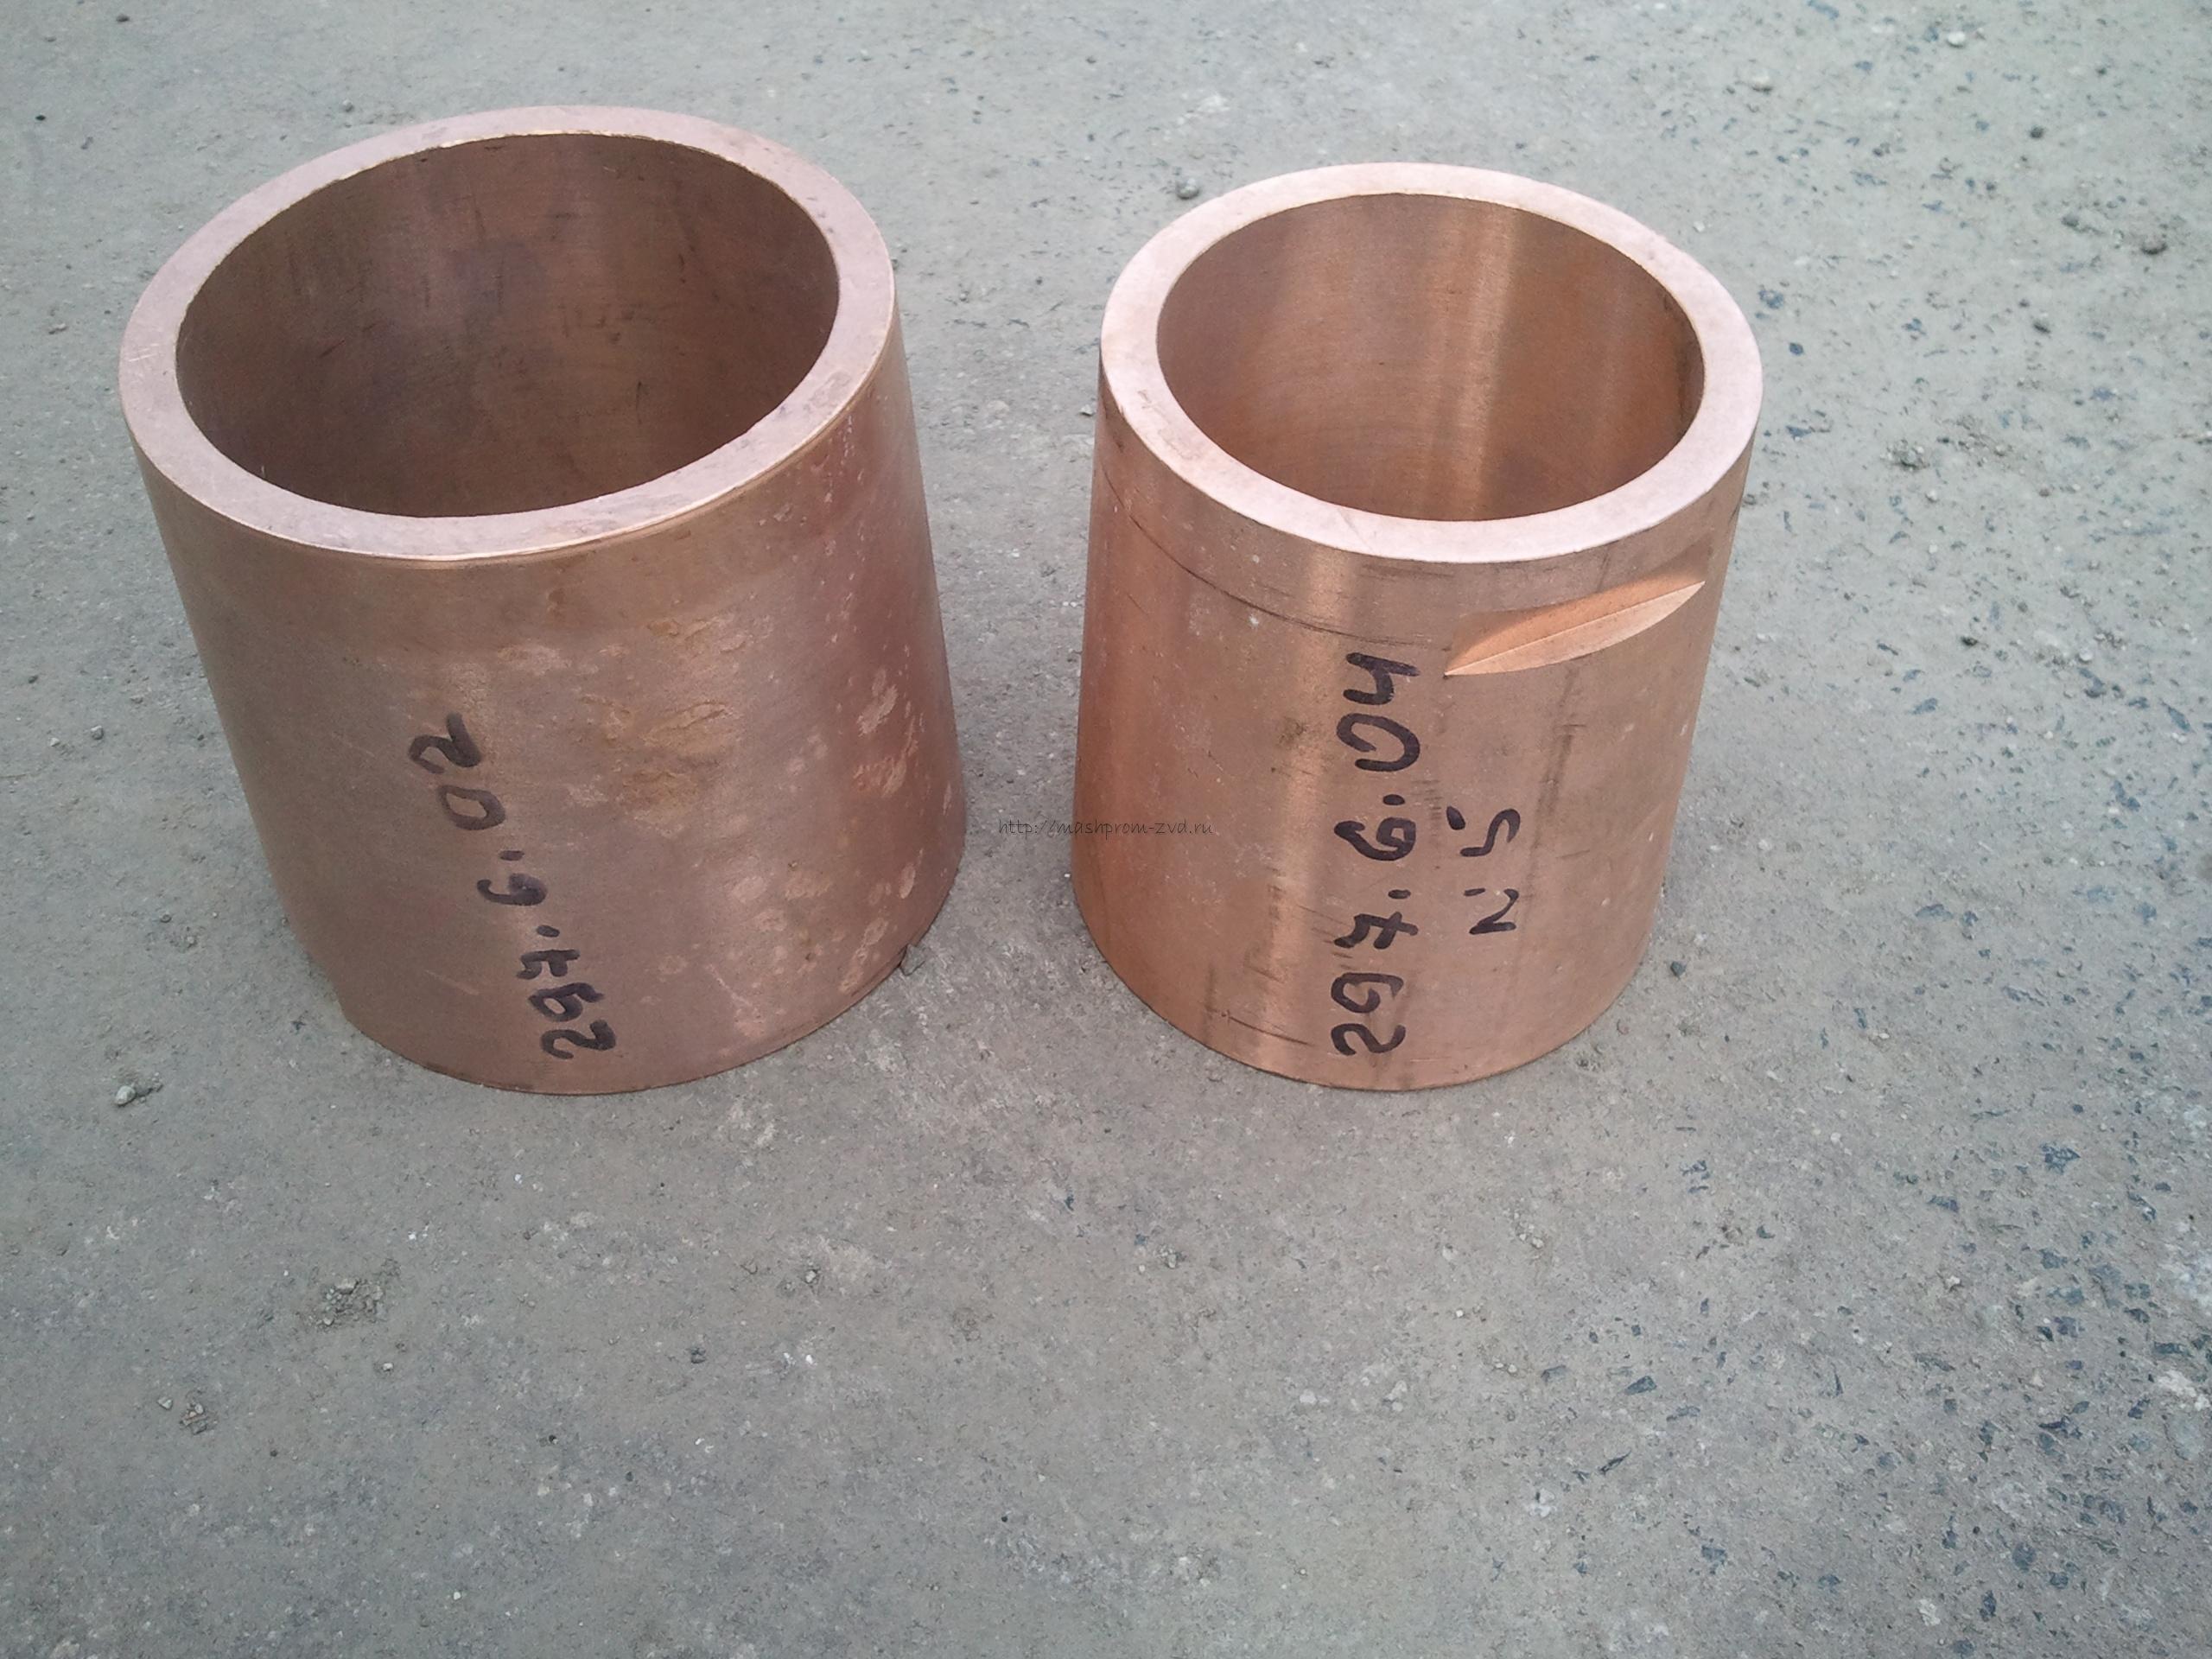 Втулка коническая нижняя КСД-600 ч. 297-6-0-4